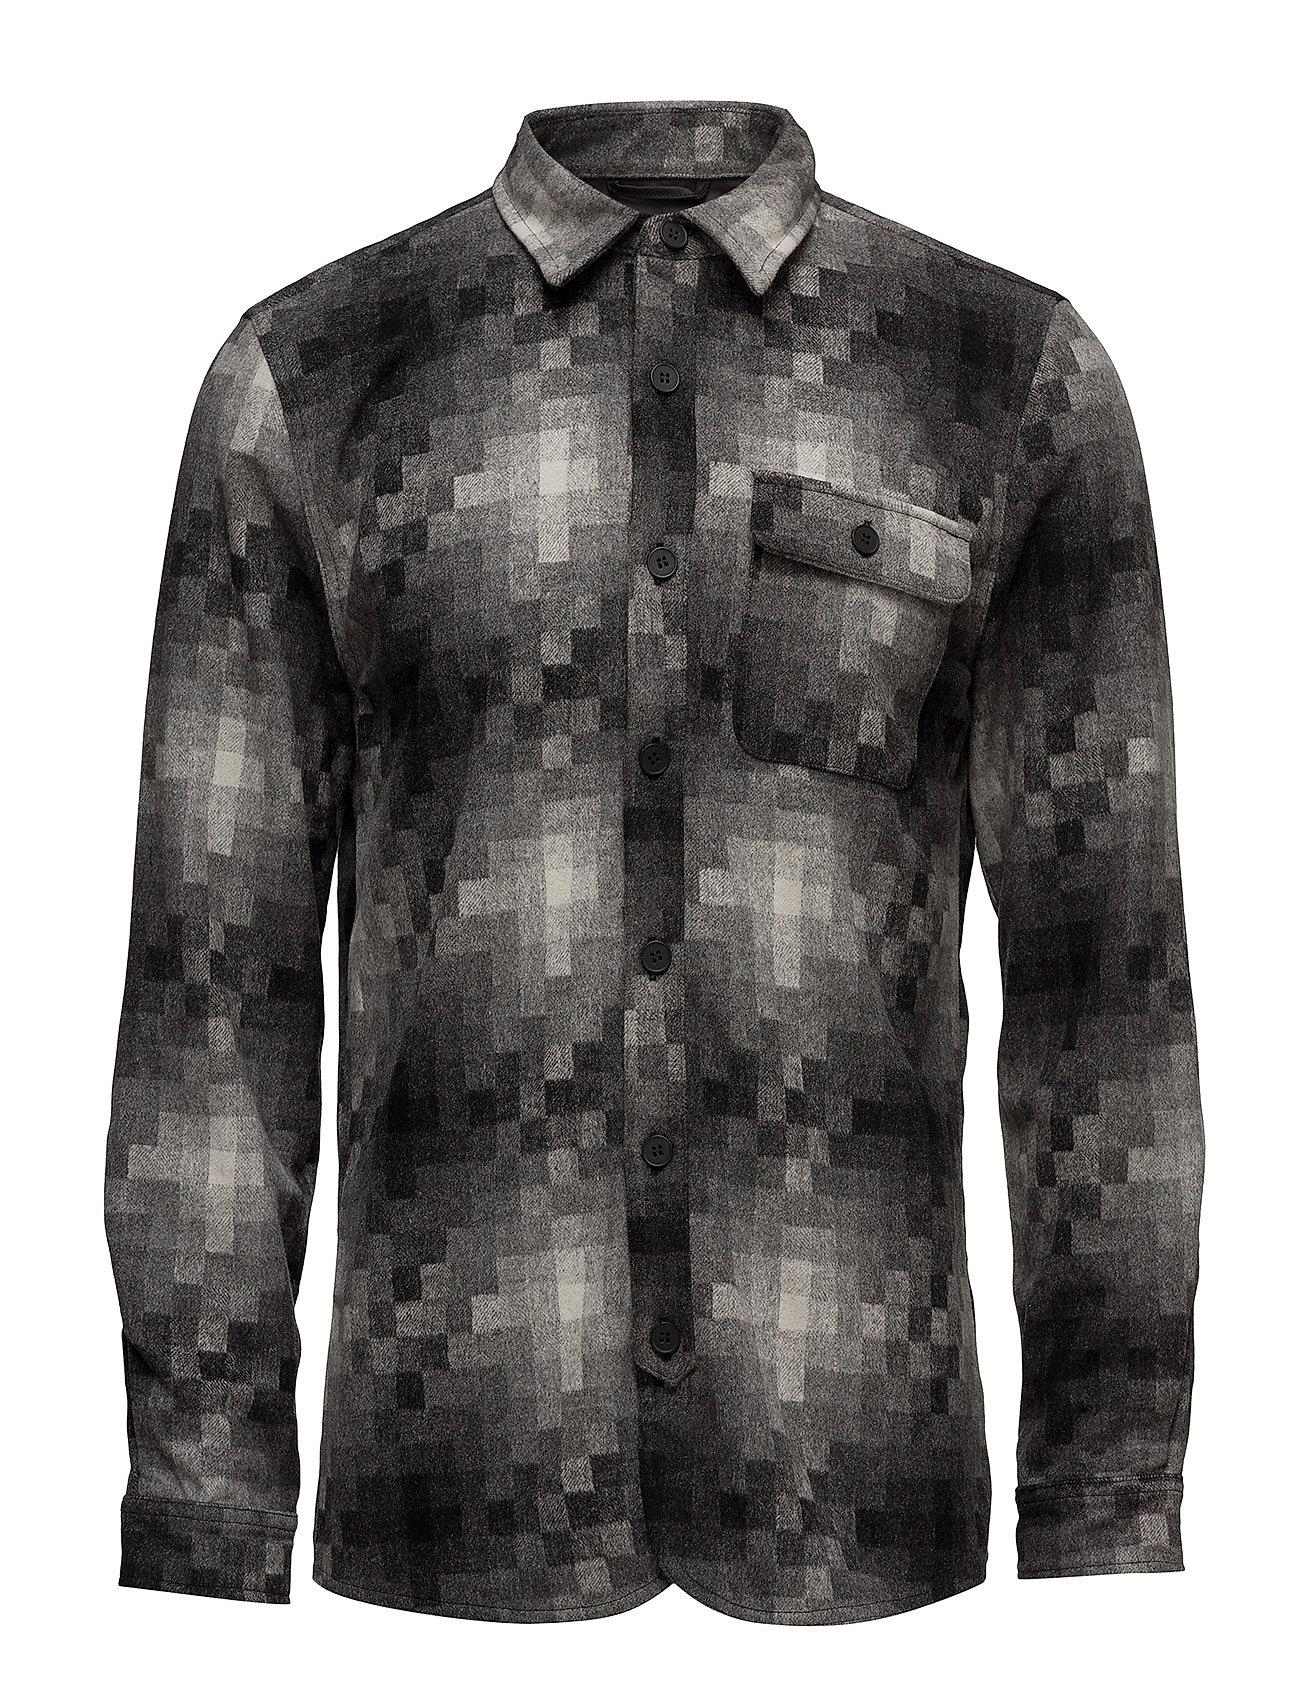 native north – Pixels wool overshirt på boozt.com dk